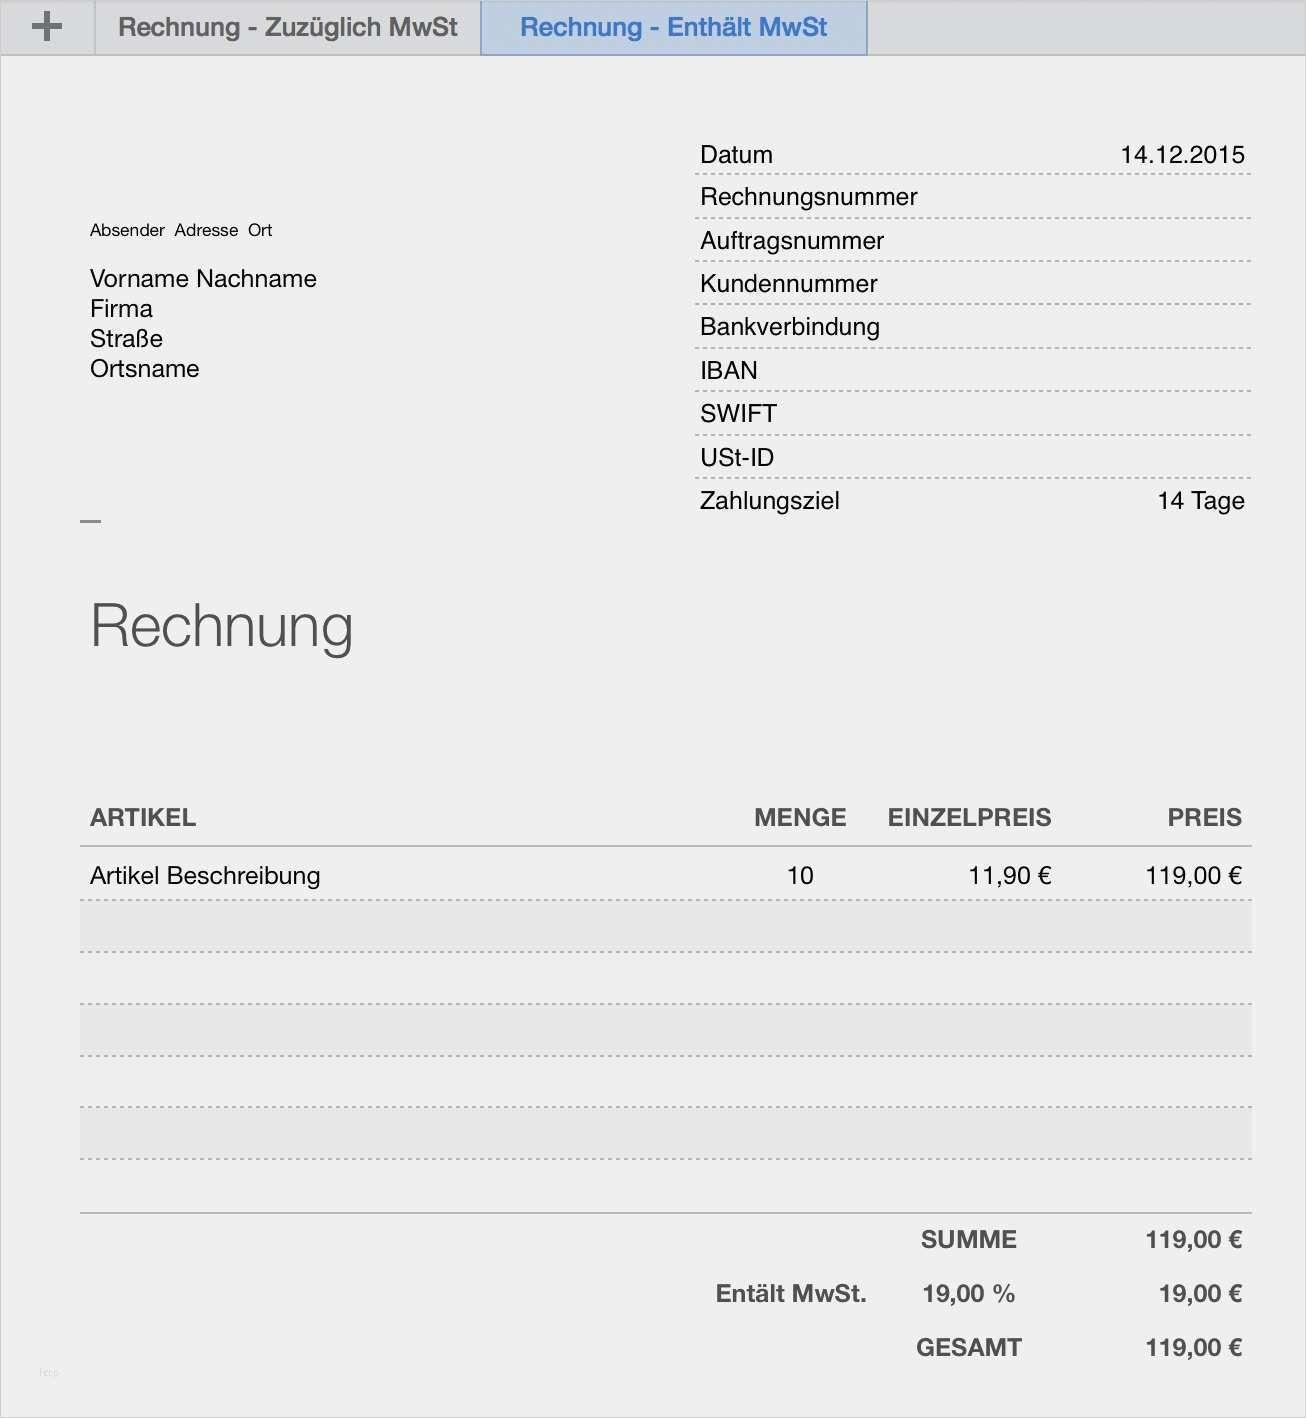 34 Erstaunlich Rechnung Mit Mehrwertsteuer Vorlage Galerie Rechnung Vorlage Vorlagen Lebenslauf Vorlagen Word